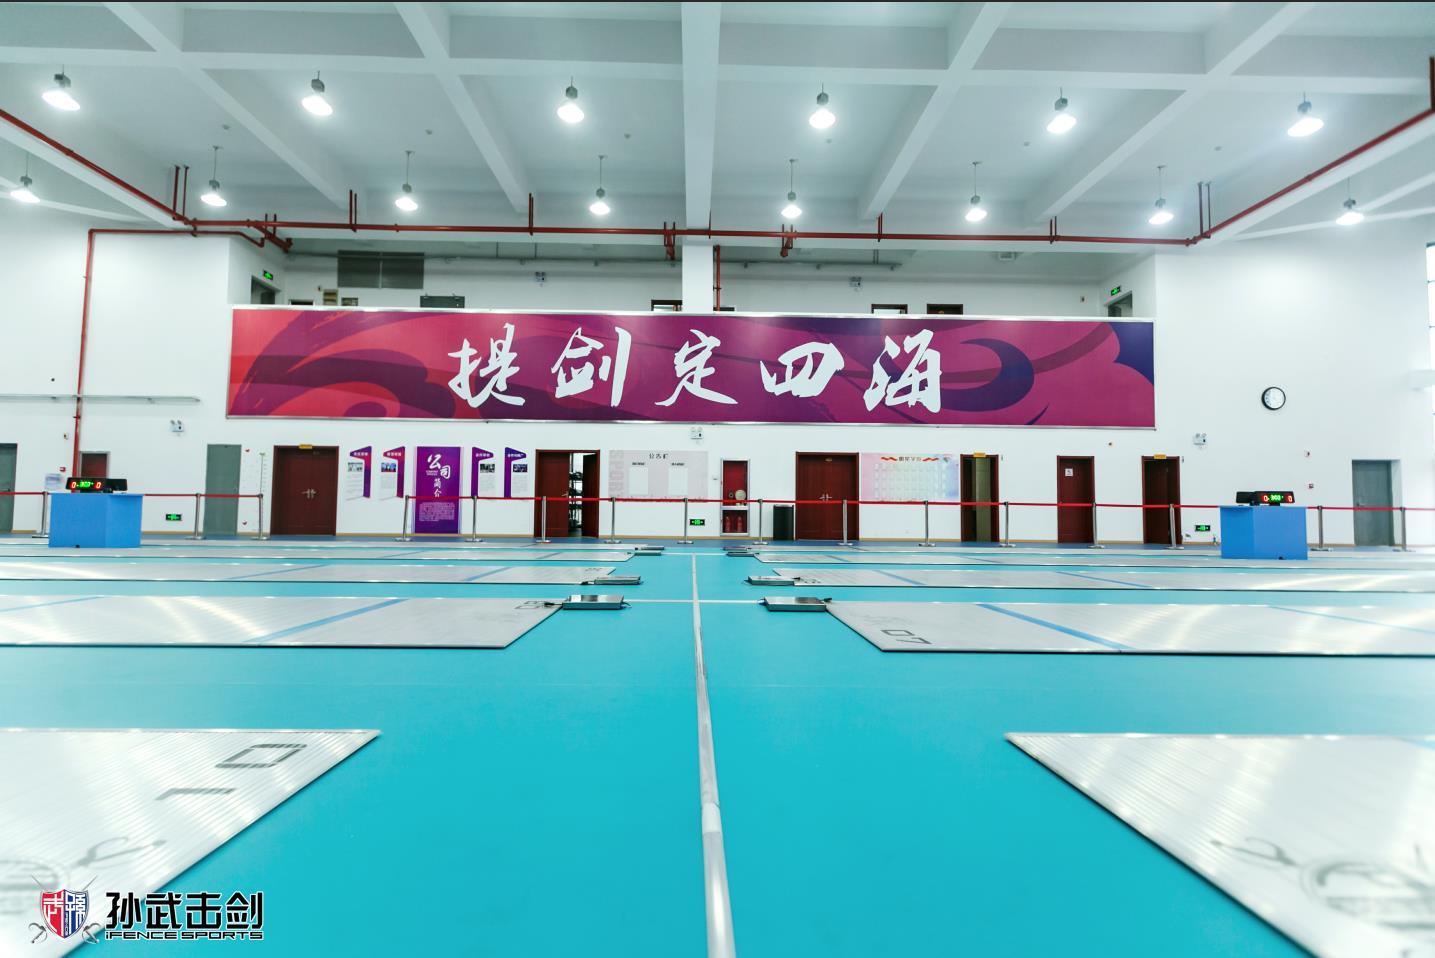 台州馆-训练区